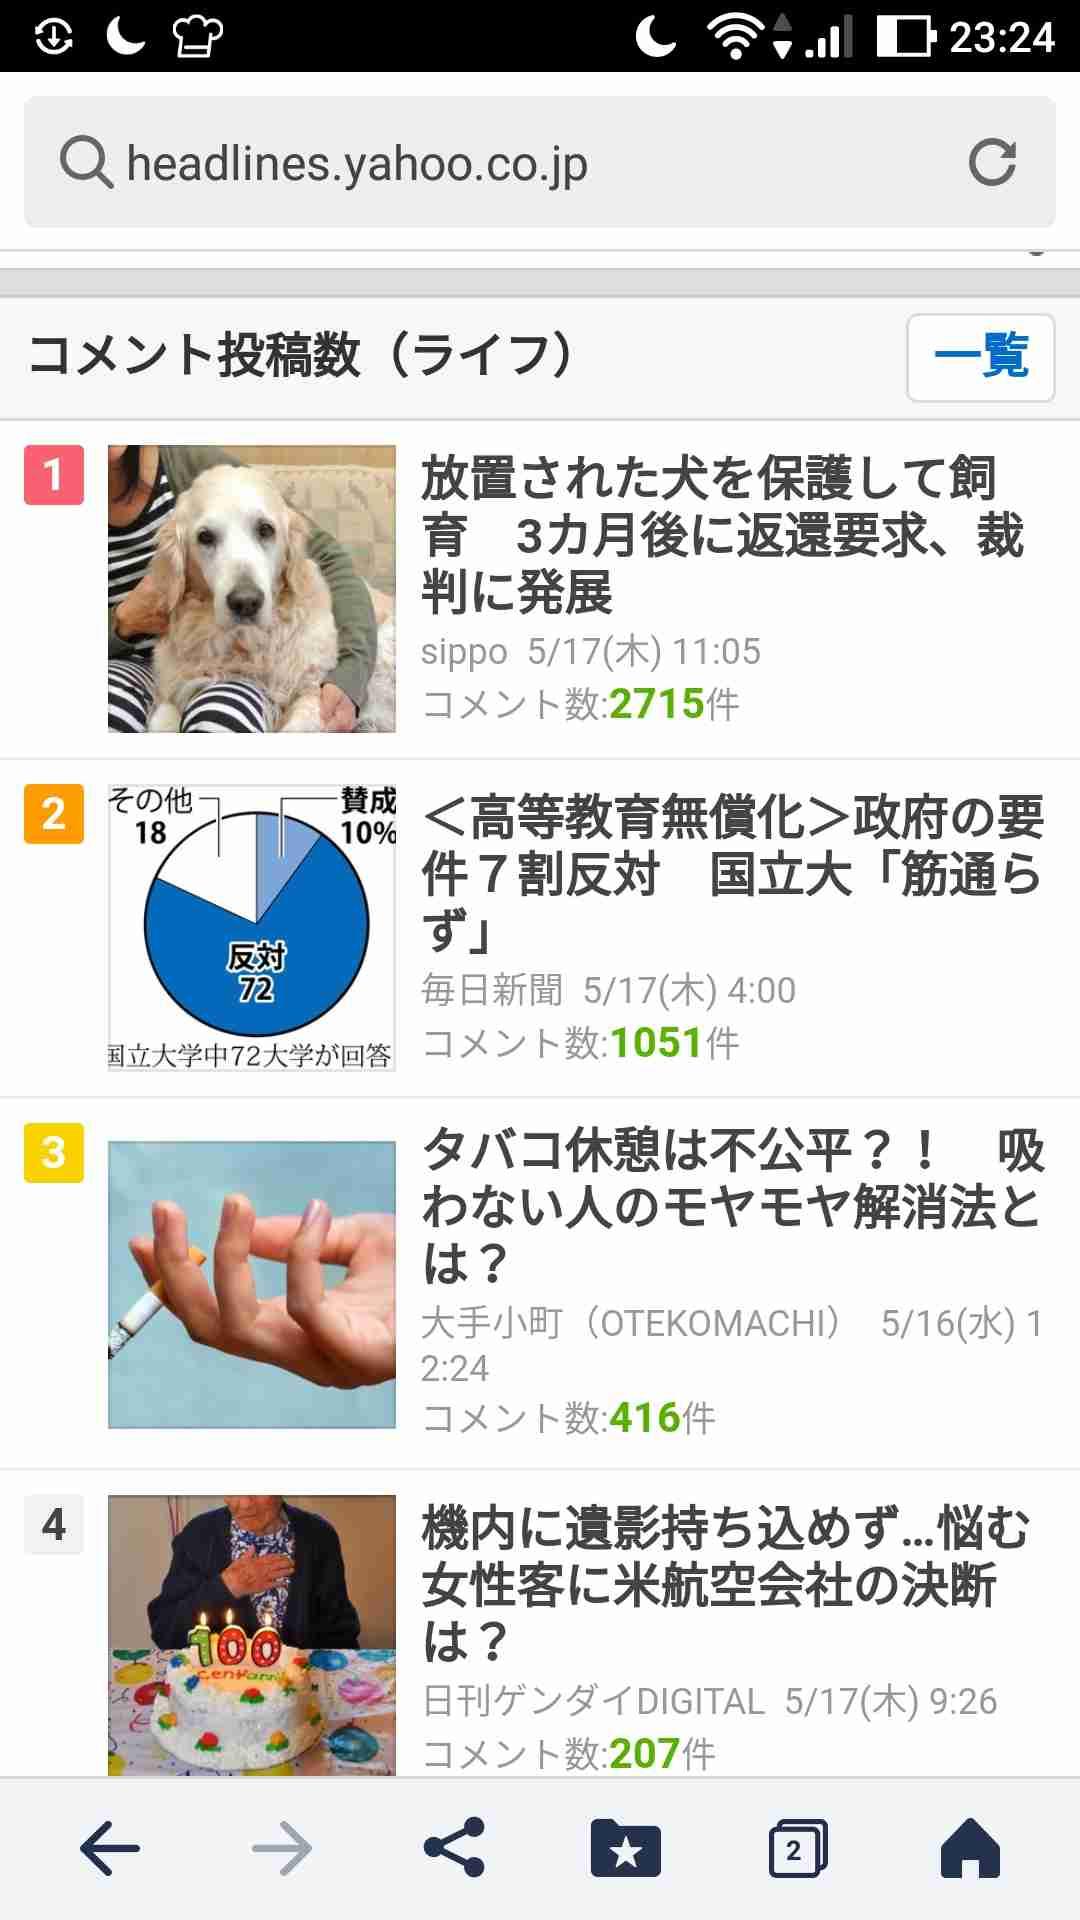 放置された犬を保護して飼育 3カ月後に返還要求、裁判に発展